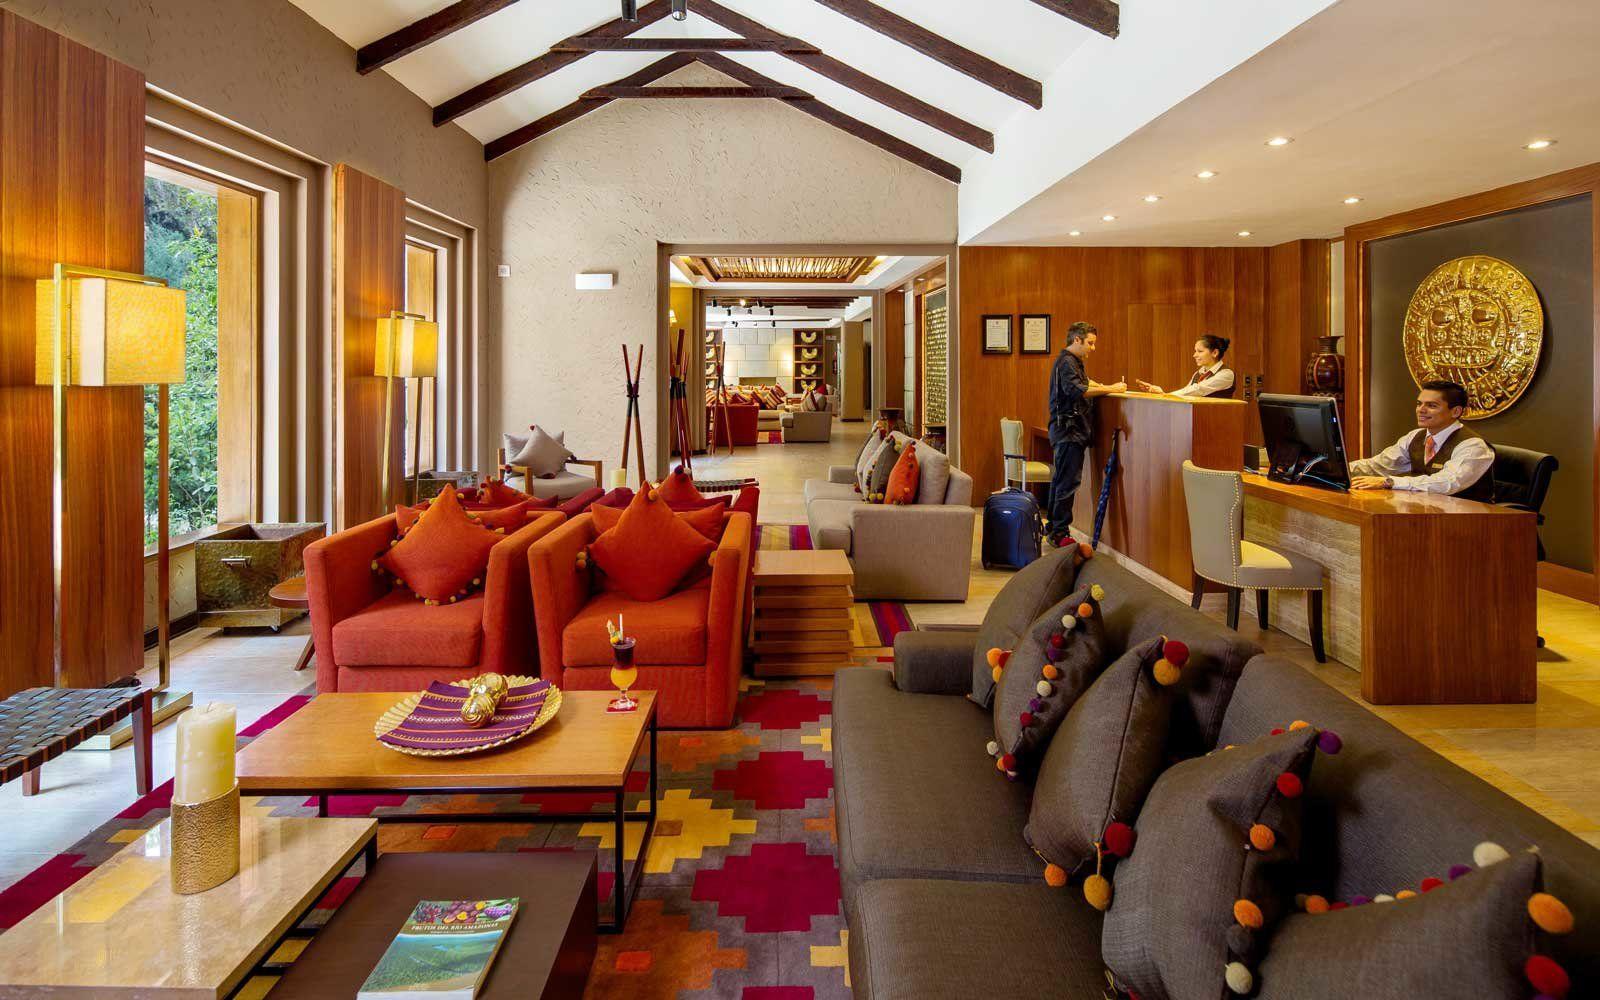 Top 10 Resort Hotels in South America   Hotel, Machu picchu hotel ...